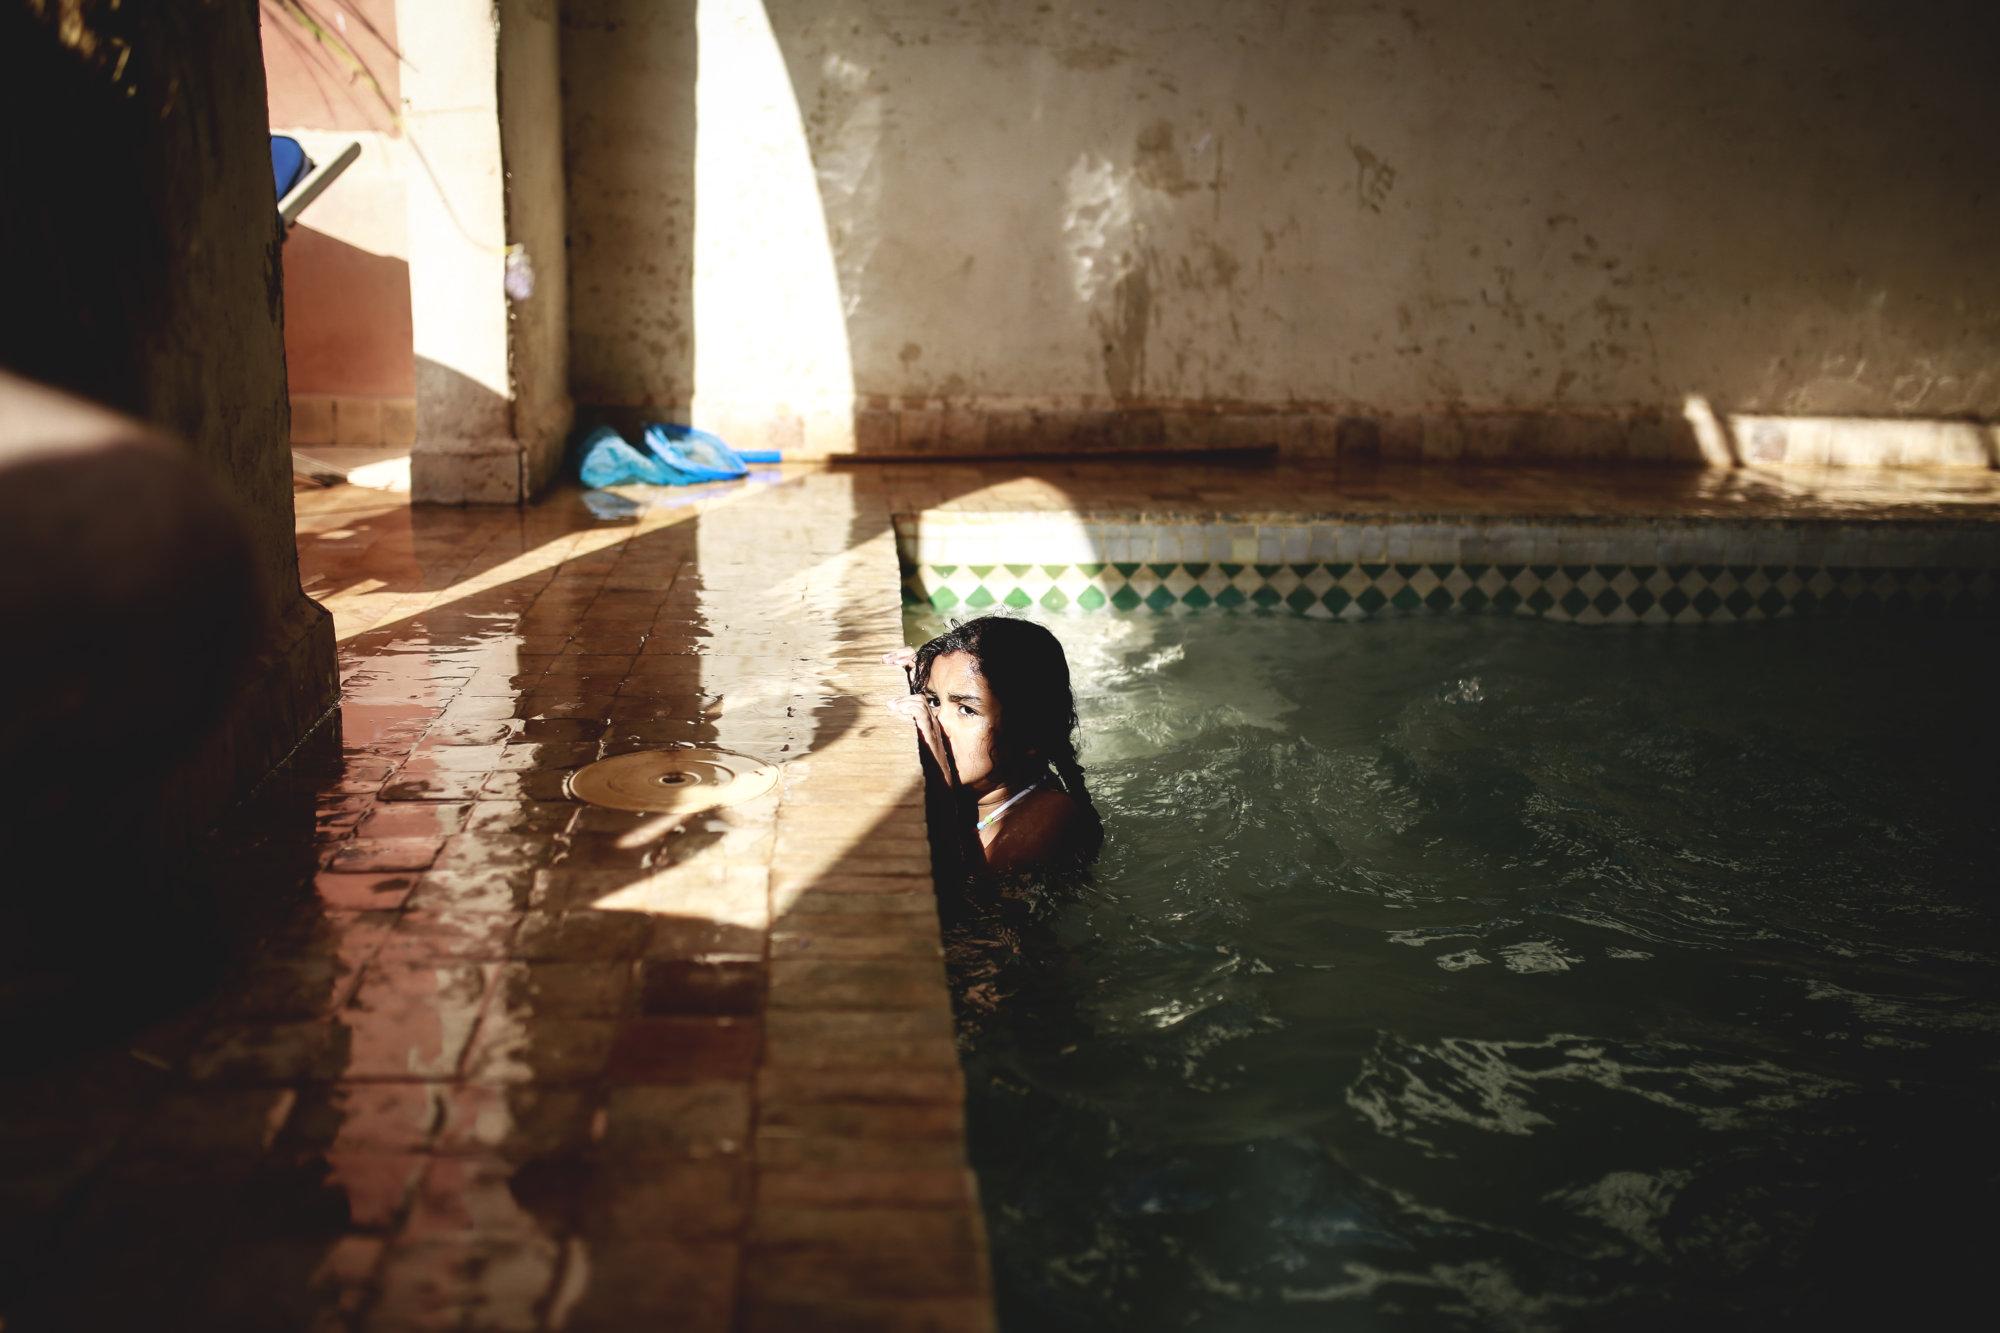 color-mirjam-pool-marokko-2016-mcu-ausflug